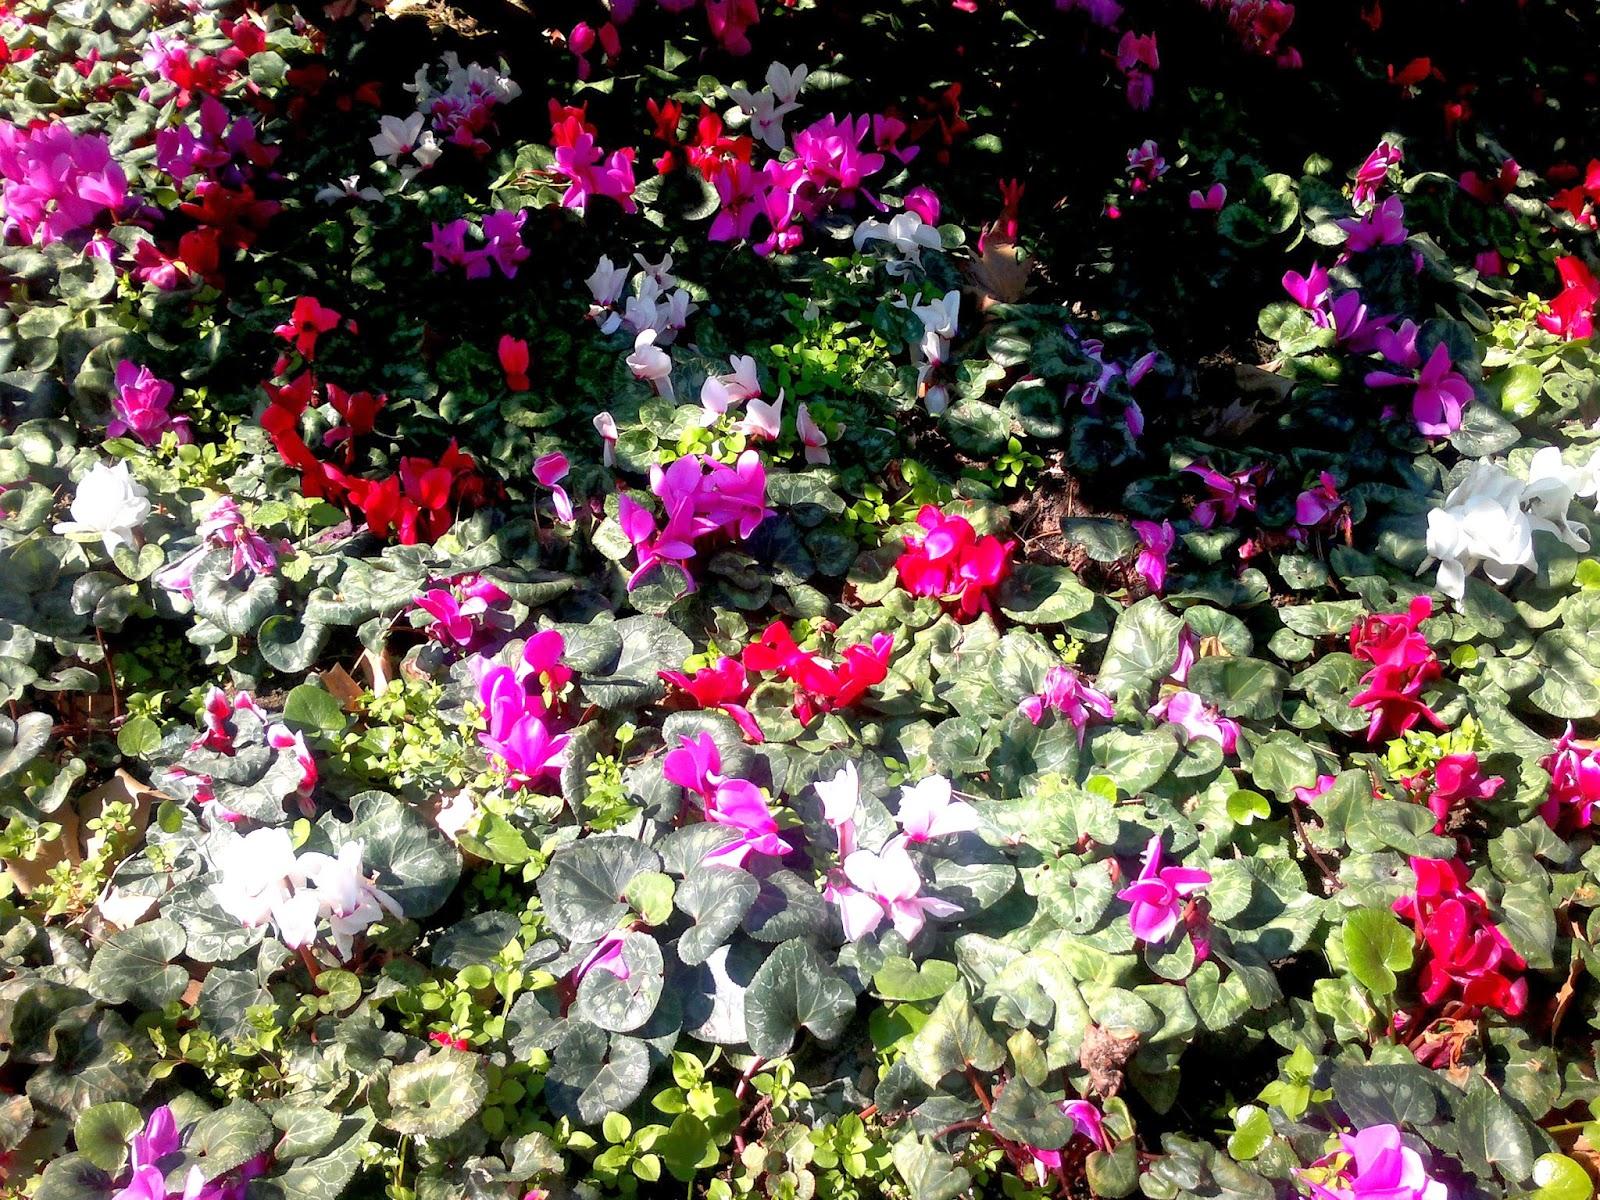 Dallar bahar çiçekleri ile süslenmişken